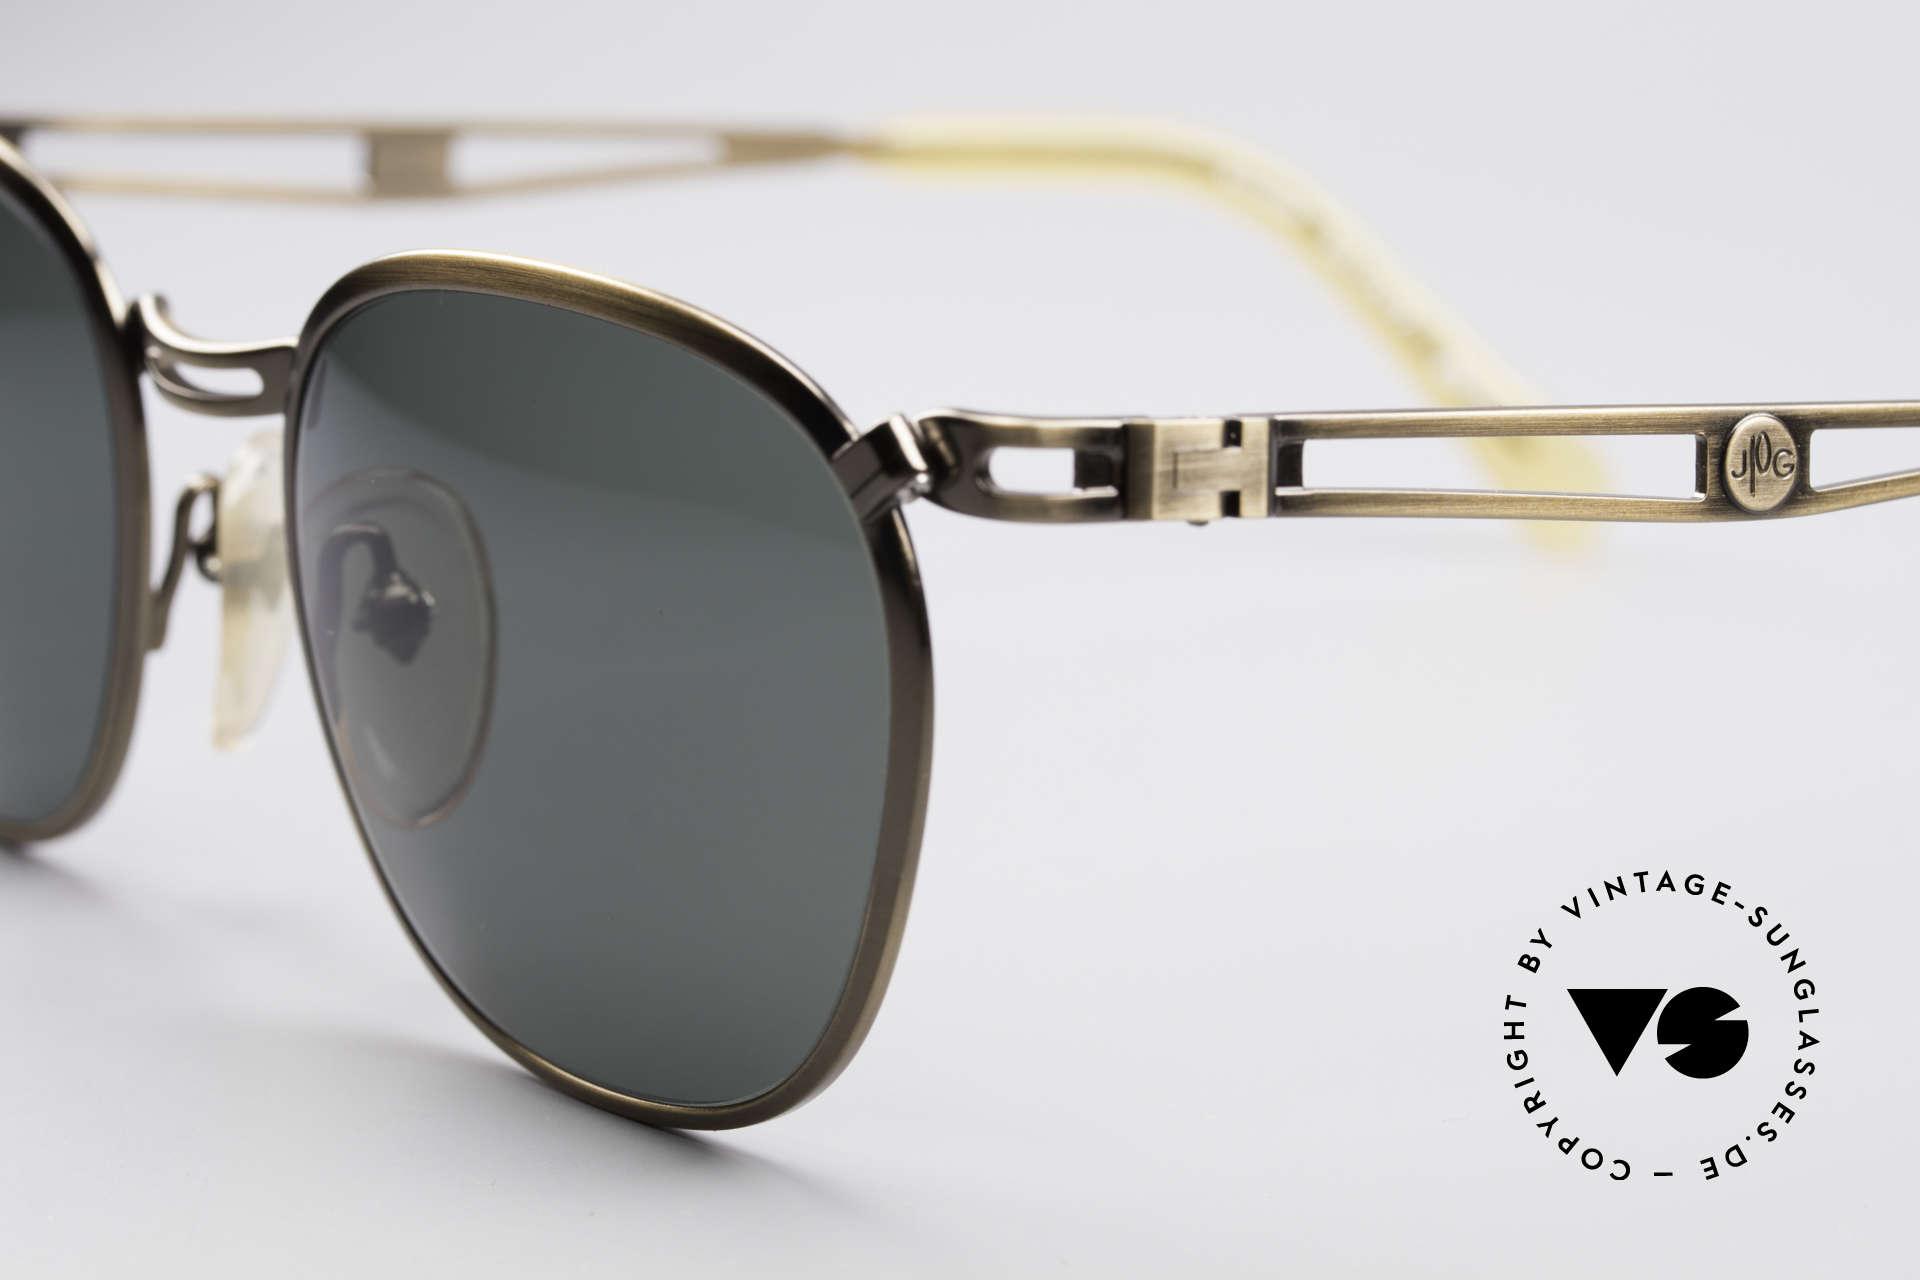 Jean Paul Gaultier 56-2177 90er Designer Sonnenbrille, Metall: messing-gebürstet & grün/graue Sonnengläser, Passend für Herren und Damen